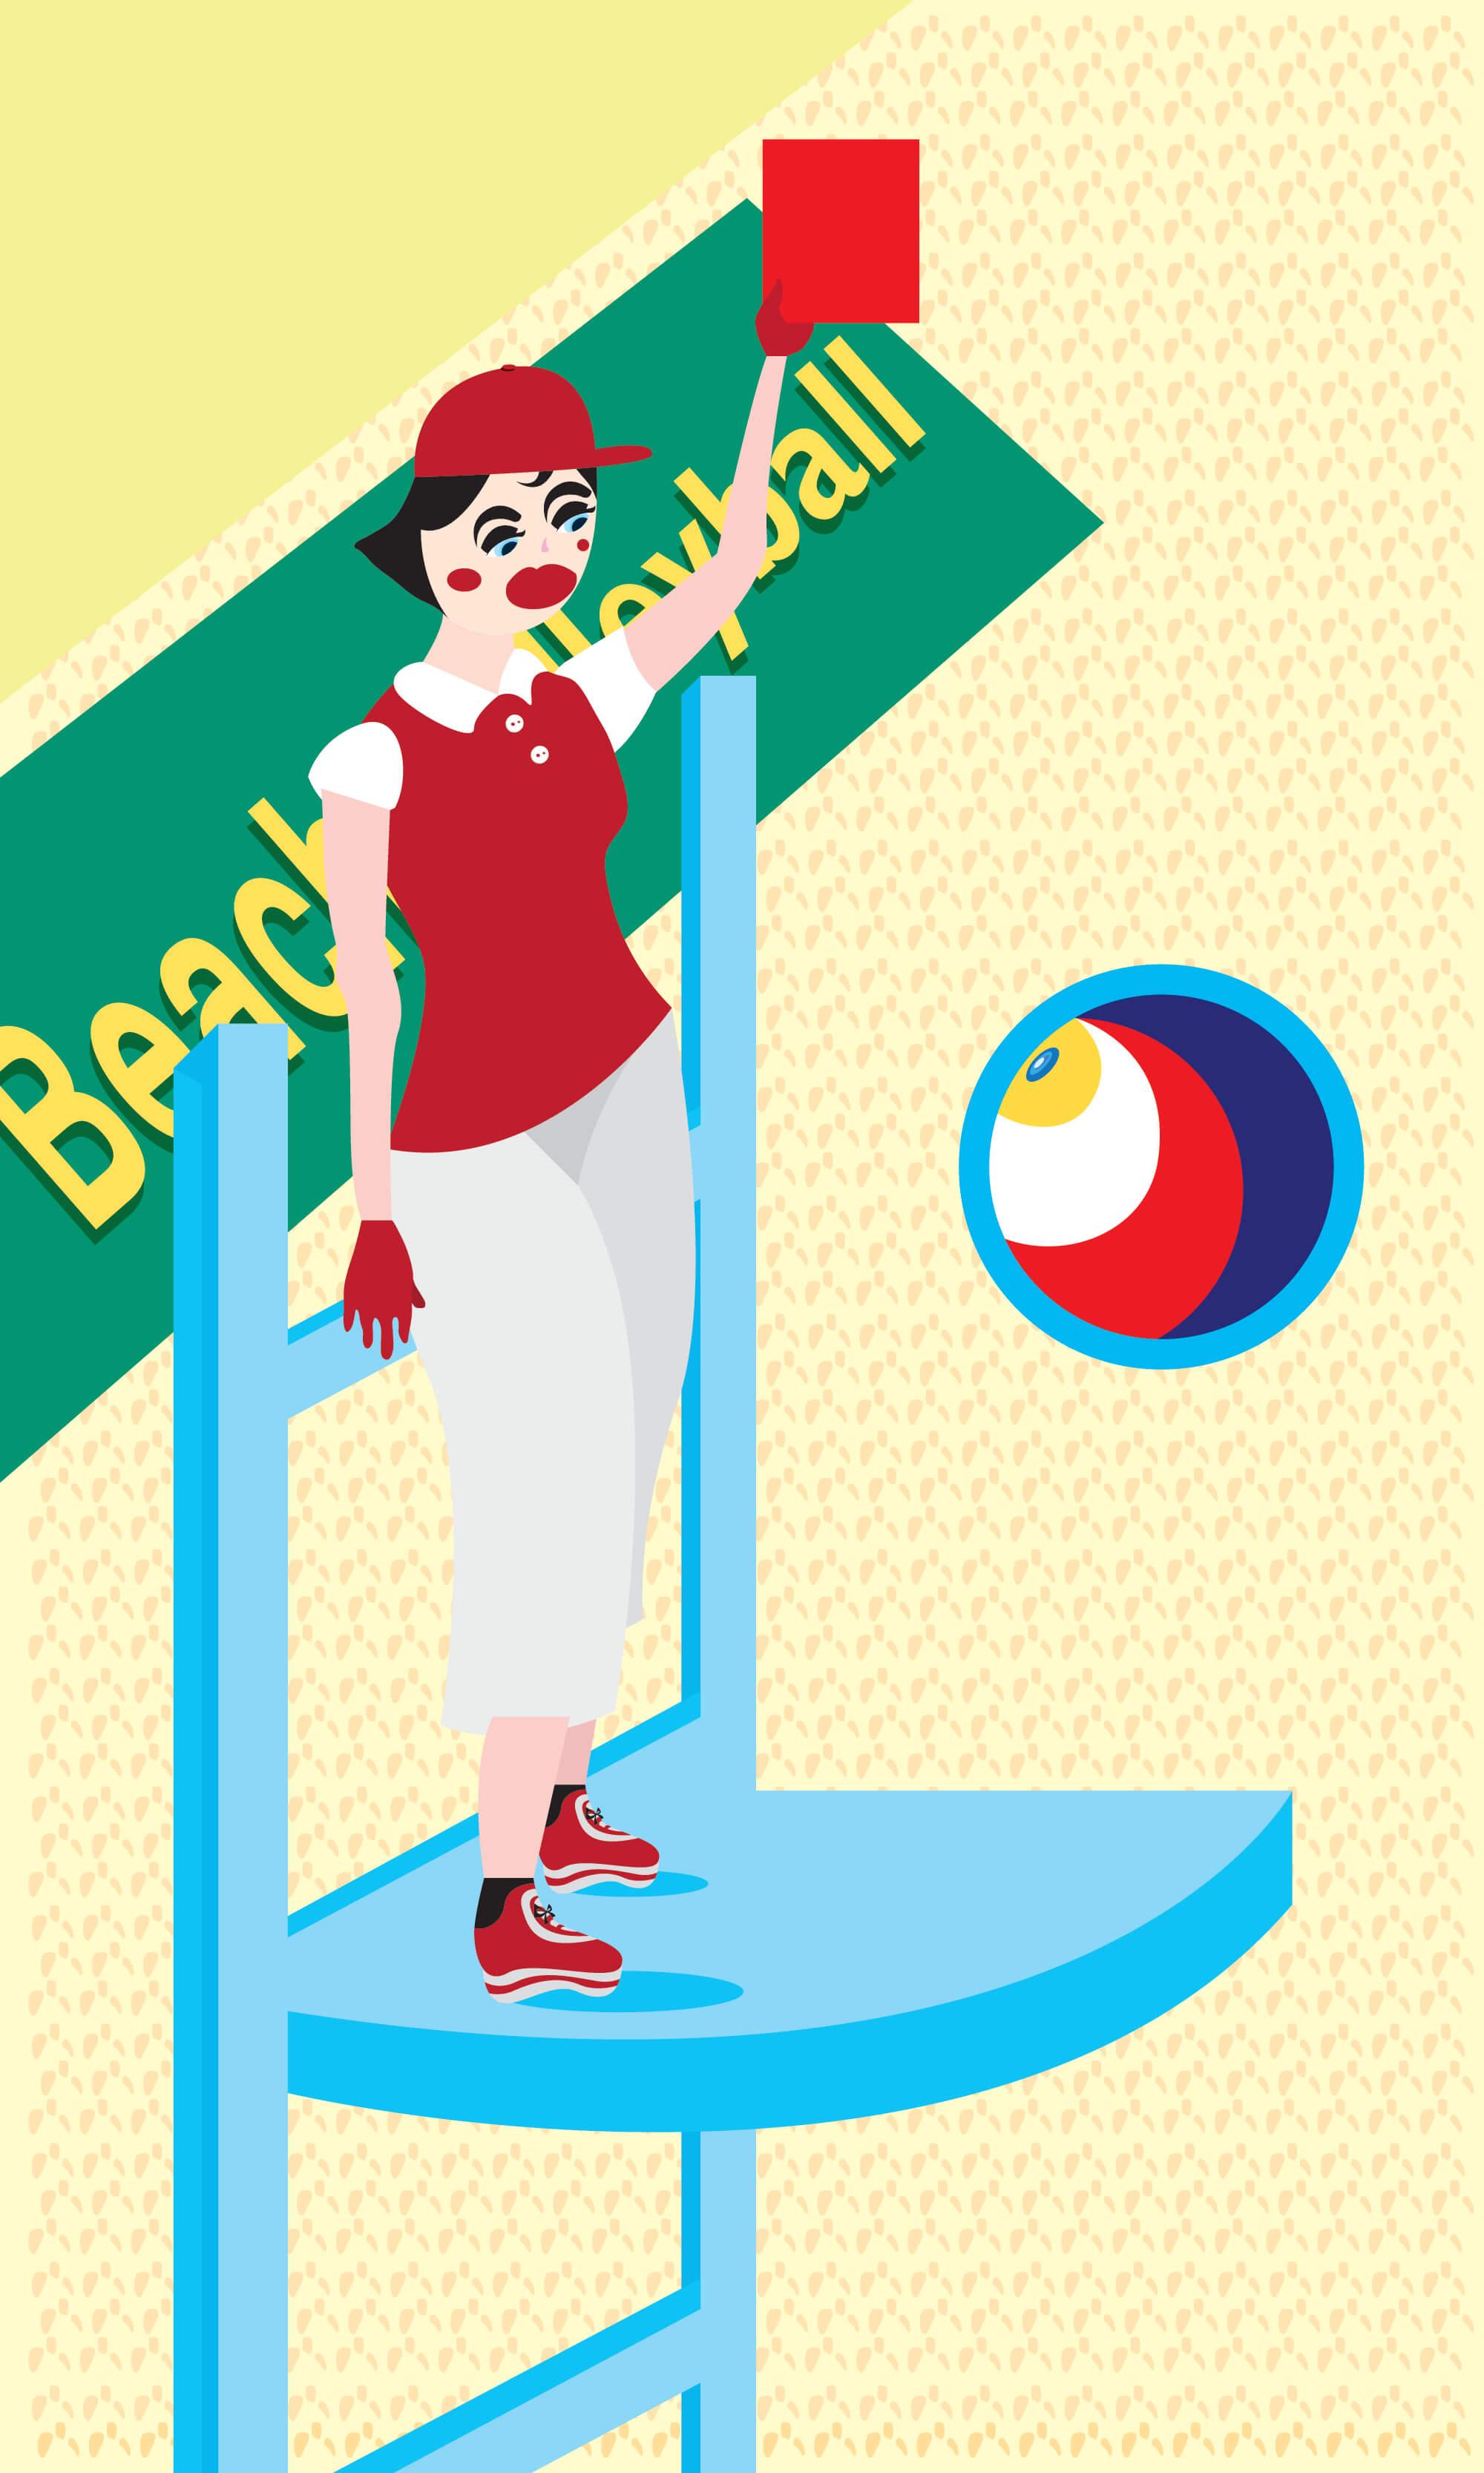 5.한라윤_레드카드_Adobe Illustrator_16.93x28.22cm_2015